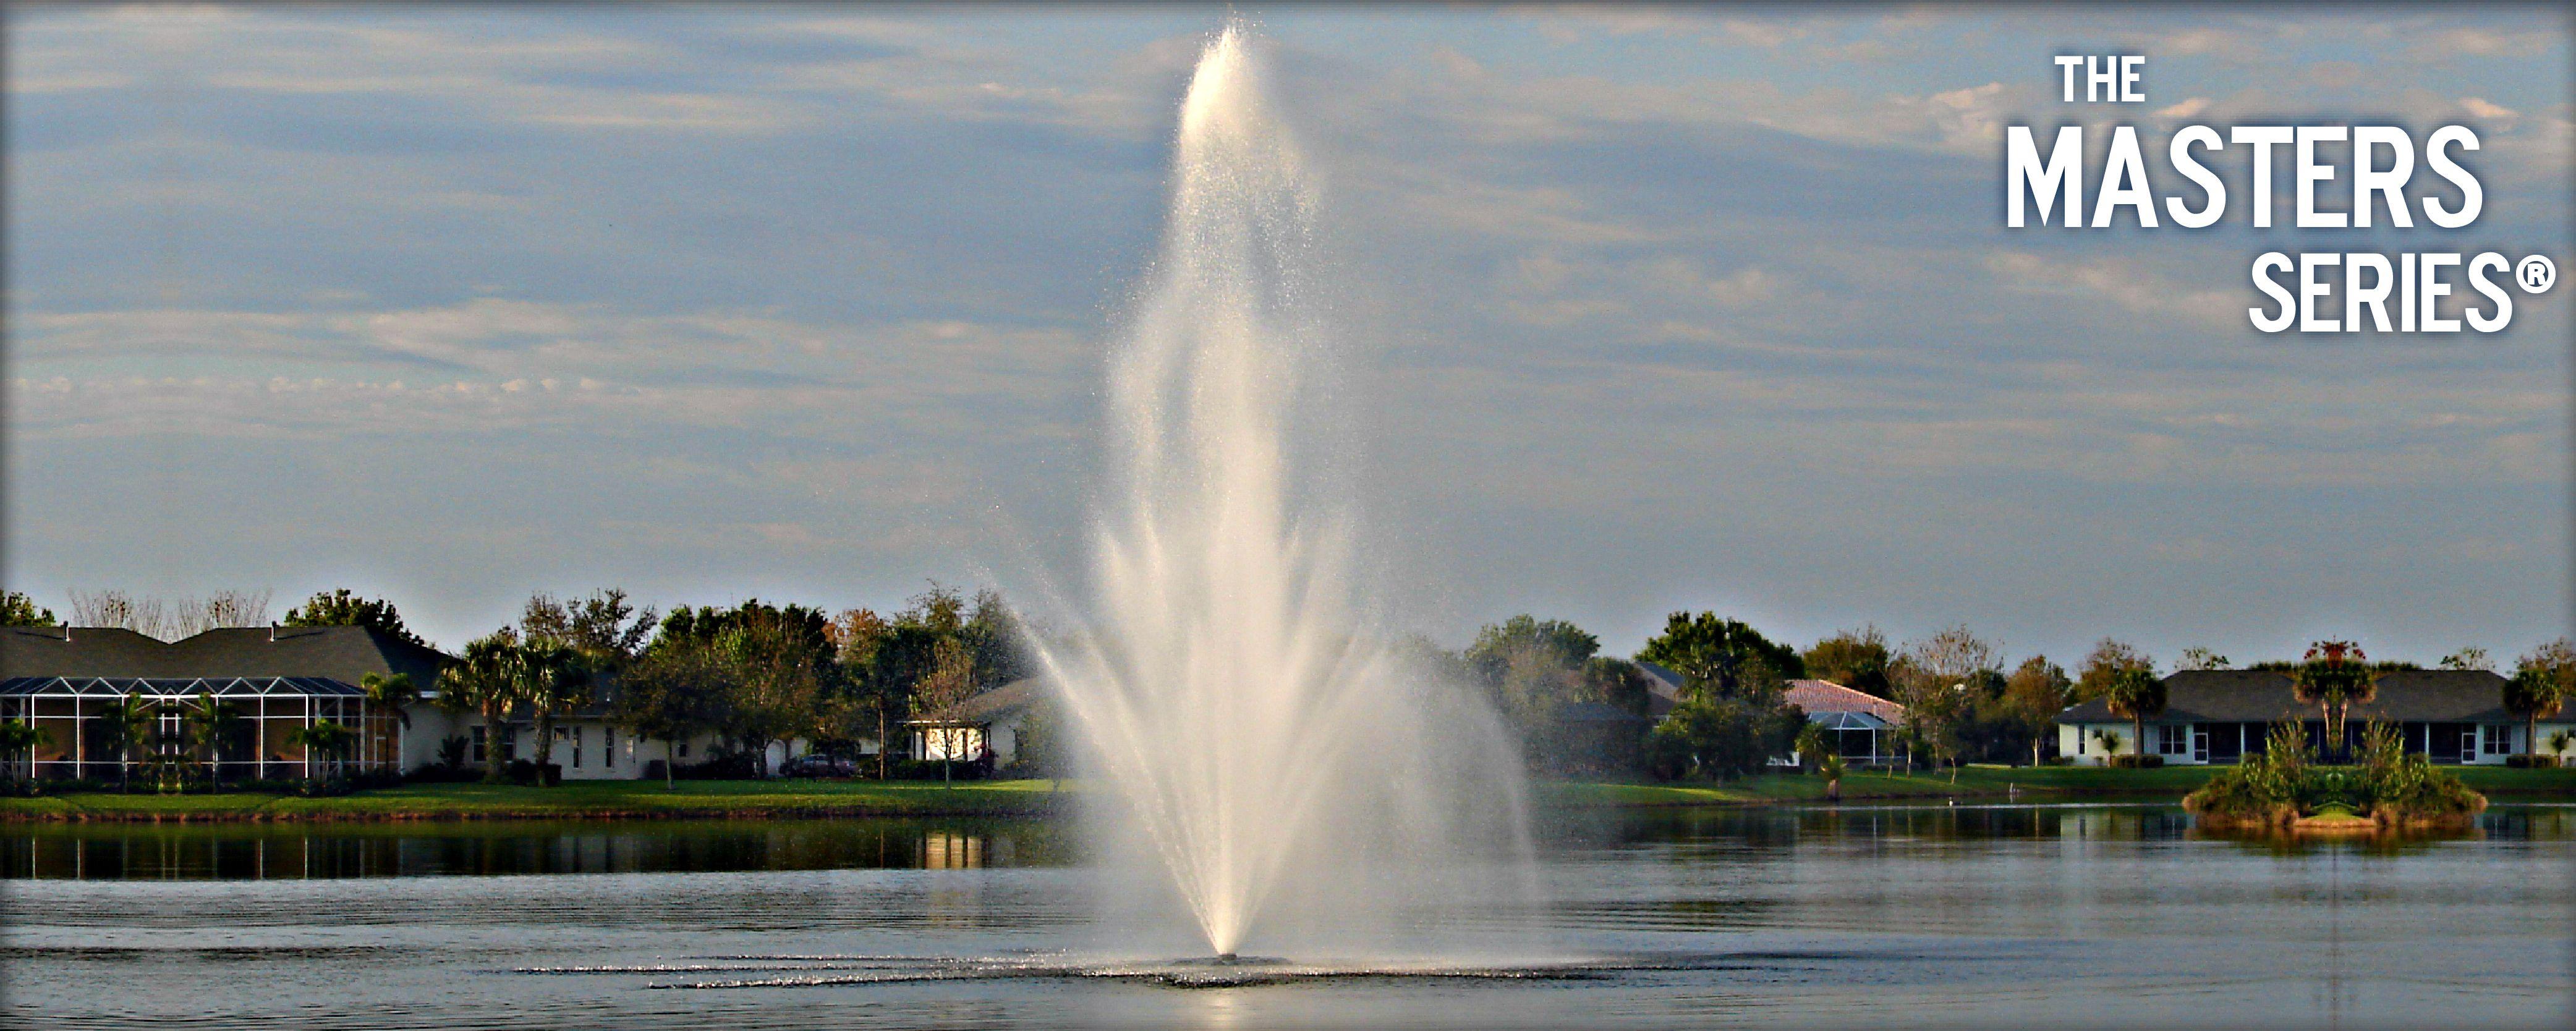 Water fountains masters - 0064bf8d19911ba0697907567de3ac0b Jpg